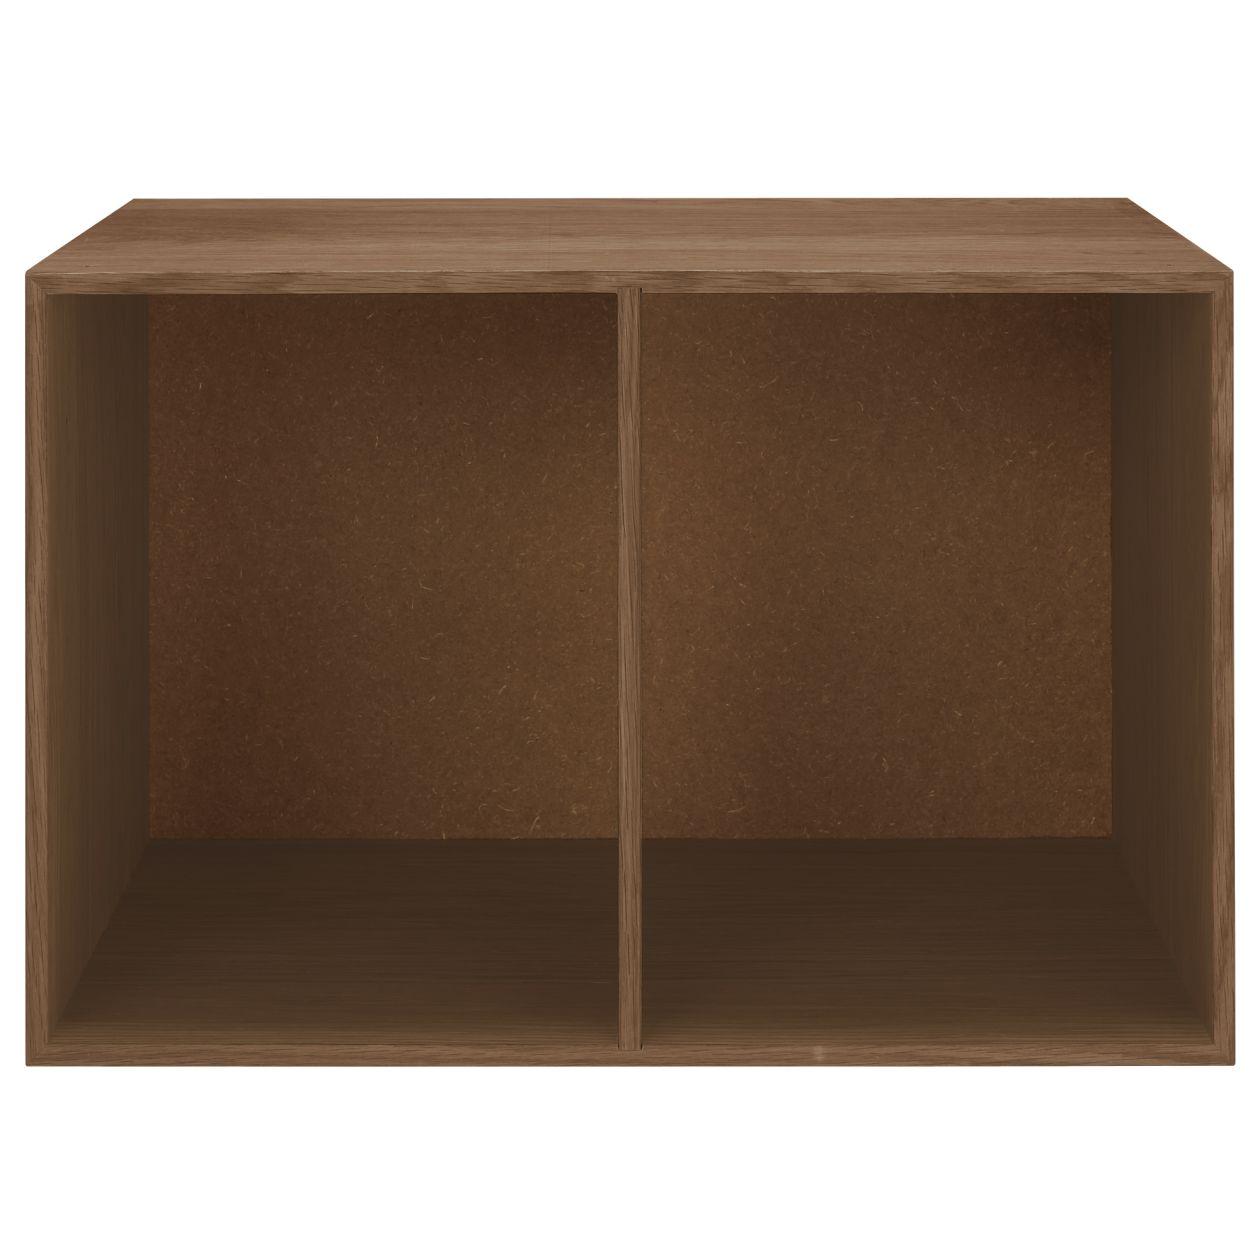 木製收納櫃/開放/寬/胡桃木 約寬52x深37x高34.5cm   無印良品